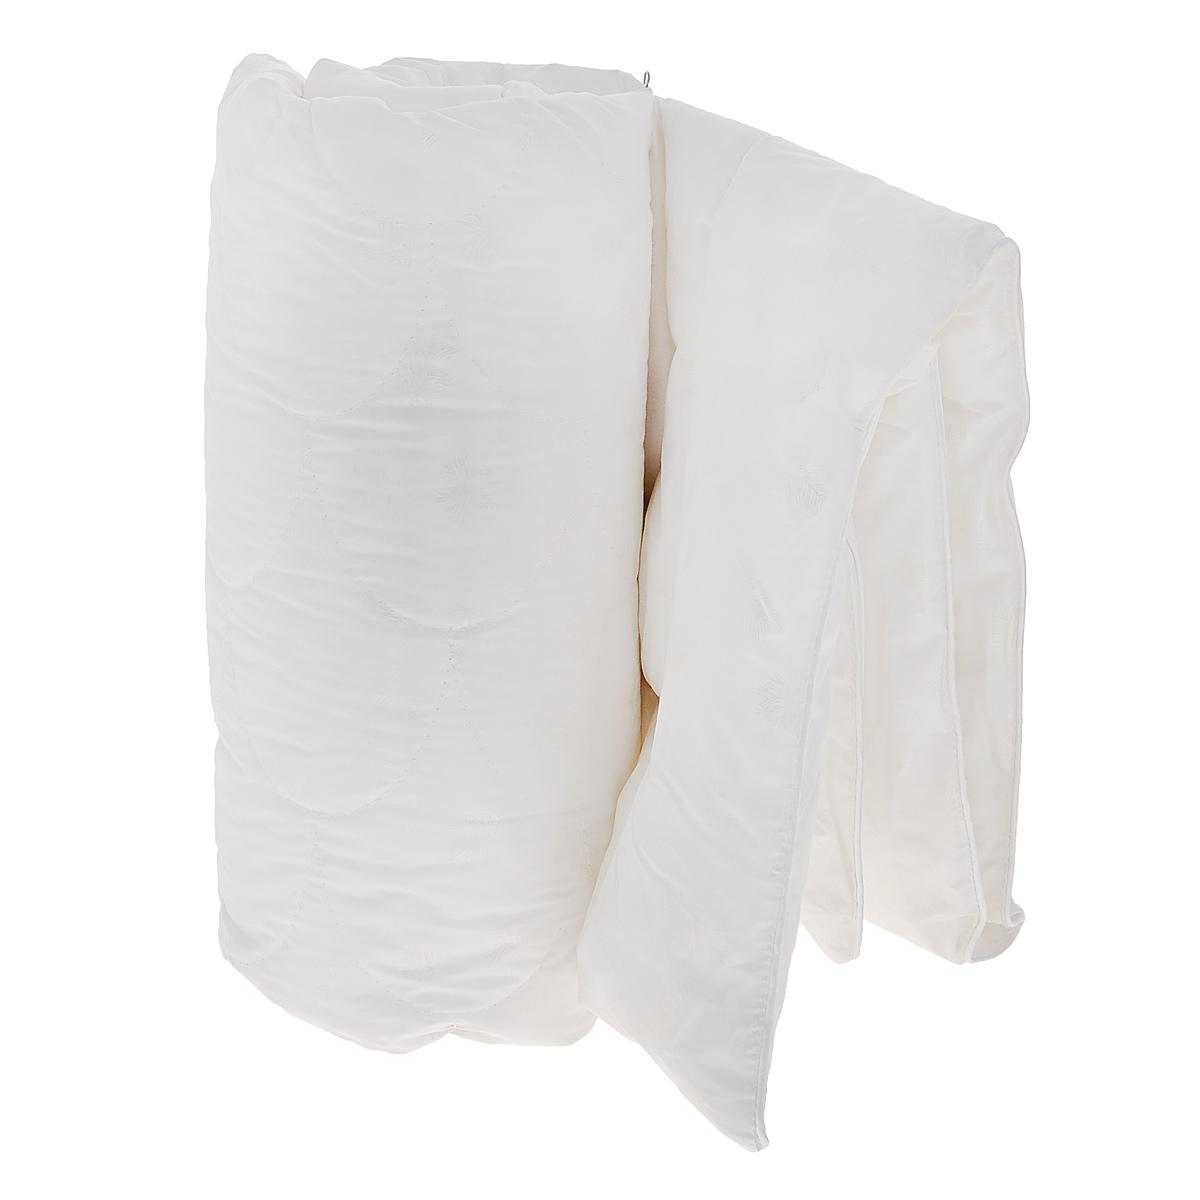 Одеяло детское Облачко, наполнитель: искусственный лебяжий пух, 110 см х 140 смМХПЭ-18-1Одеяло Облачко подарит комфортный сон вашему малышу. Чехол изготовлен из 100% хлопка, наполнитель - искусственный лебяжий пух. Мягкий и необычайно легкий наполнитель обеспечит оптимальную терморегуляцию пододеяльного пространства, а плотная и легкая дышащая ткань создаст условия, исключающие парниковый эффект и перегрев ребенка во время сна. Искусственный пух не вызывает аллергию и раздражение кожи малыша. Сложная фигурная стежка одеяла обеспечивает возможность его стирки столько раз, сколько это будет необходимо.Материал чехла: 100% хлопок.Материал наполнителя: искусственный лебяжий пух.